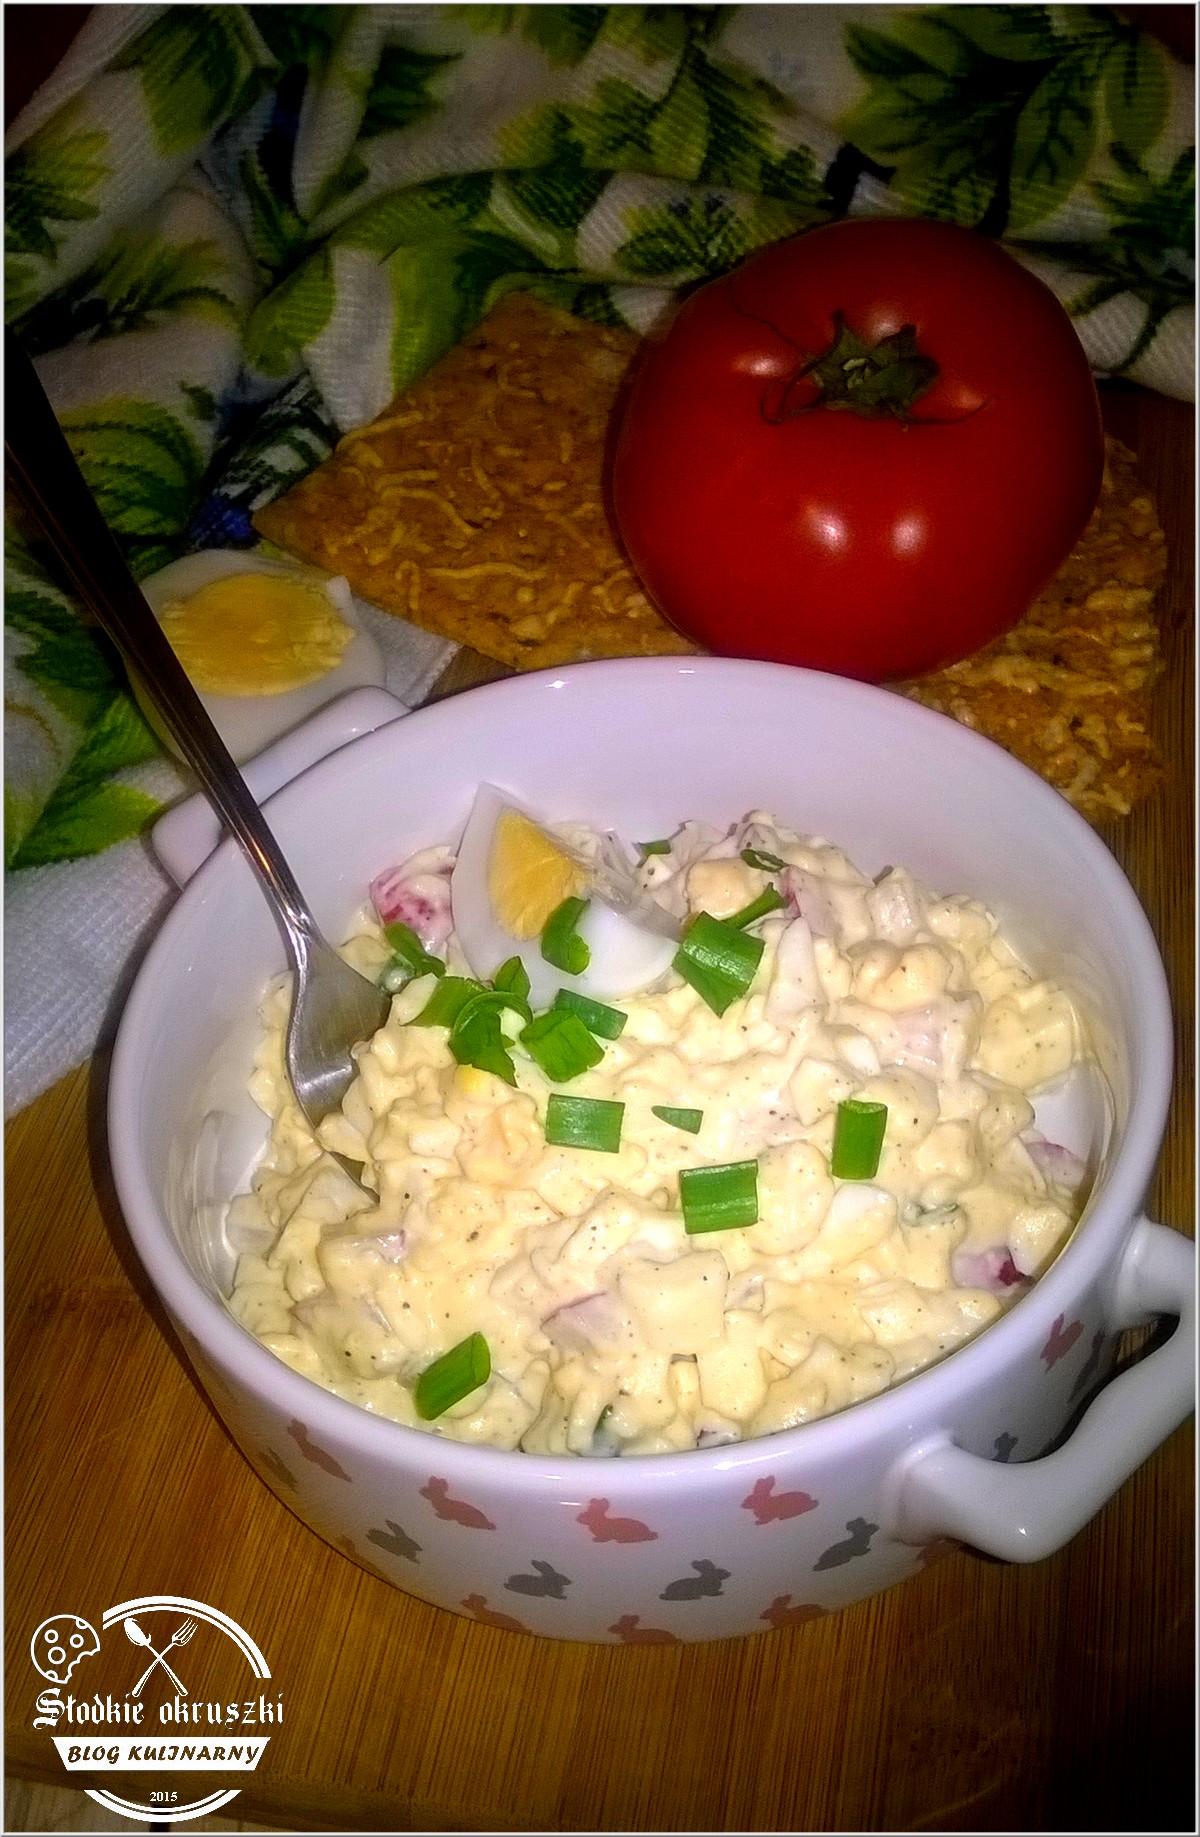 Delikatnie chrzanowa pasta kanapkowa z jajkiem i rzodkiewką